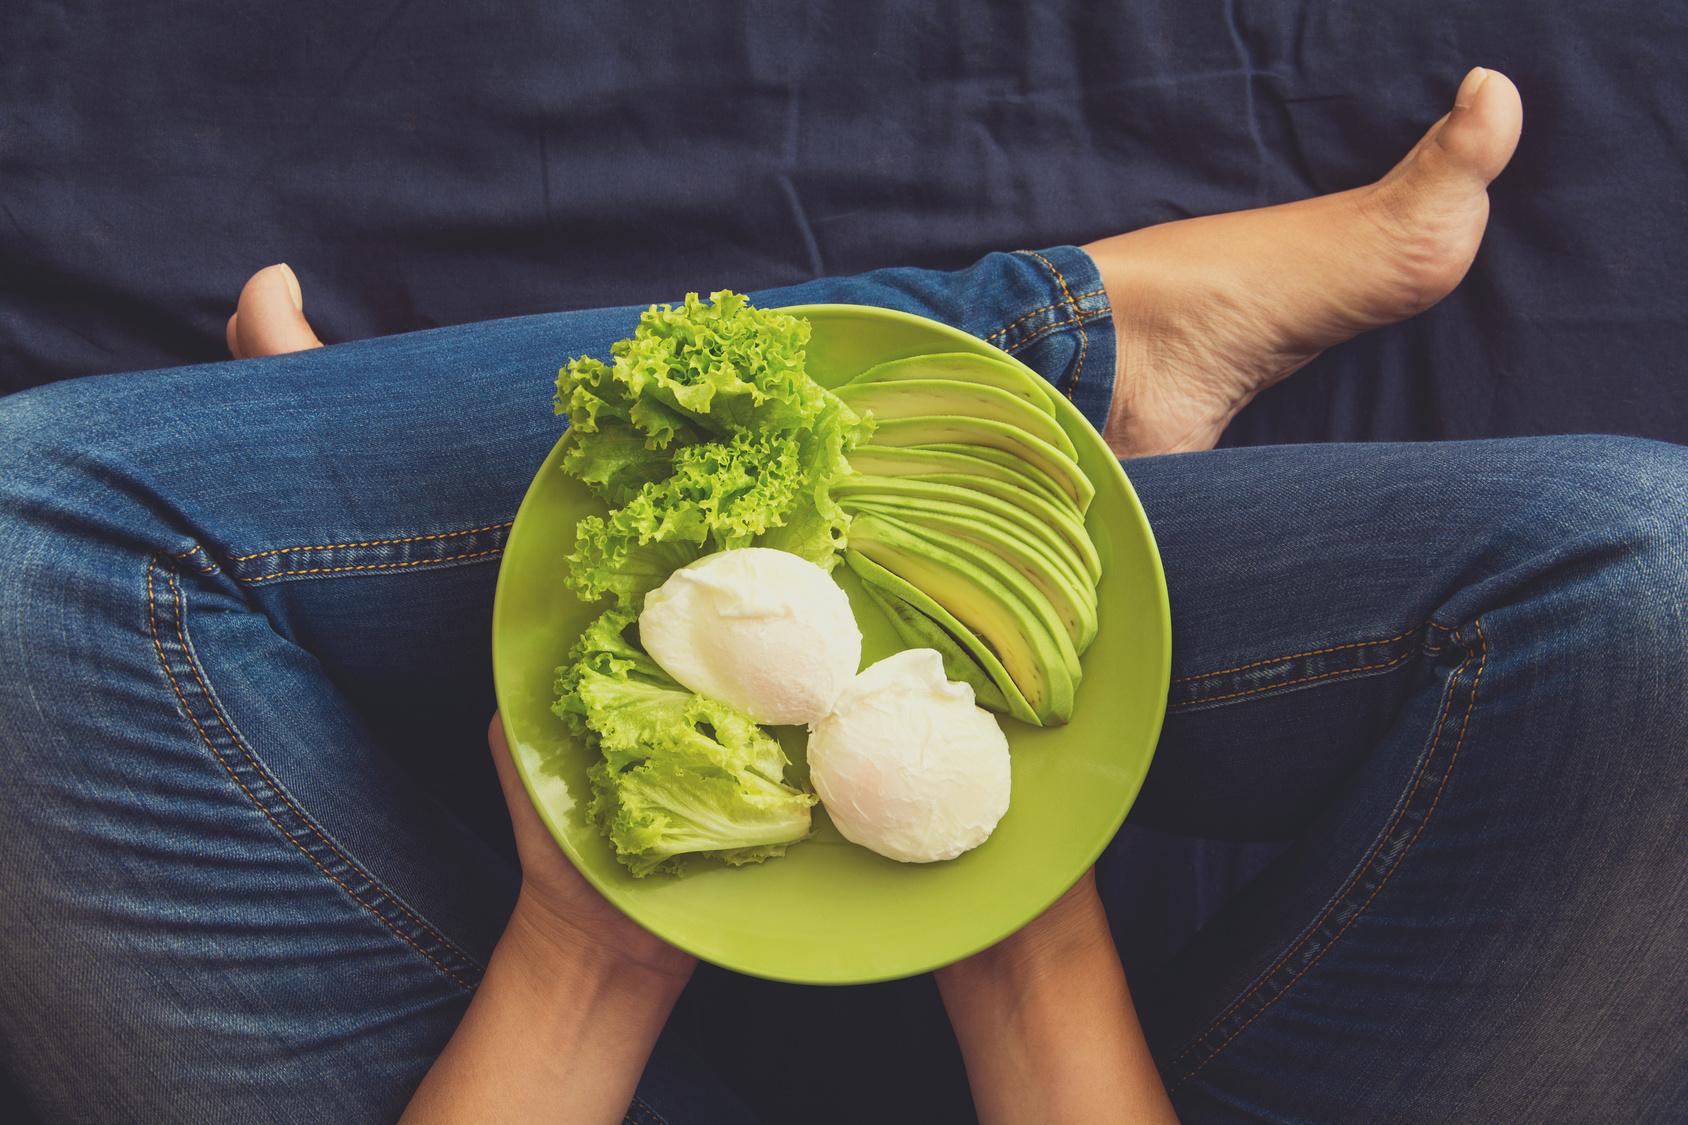 رژيم غذايي گياهخواري چه تغييراتي در بدن ايجاد ميكند؟